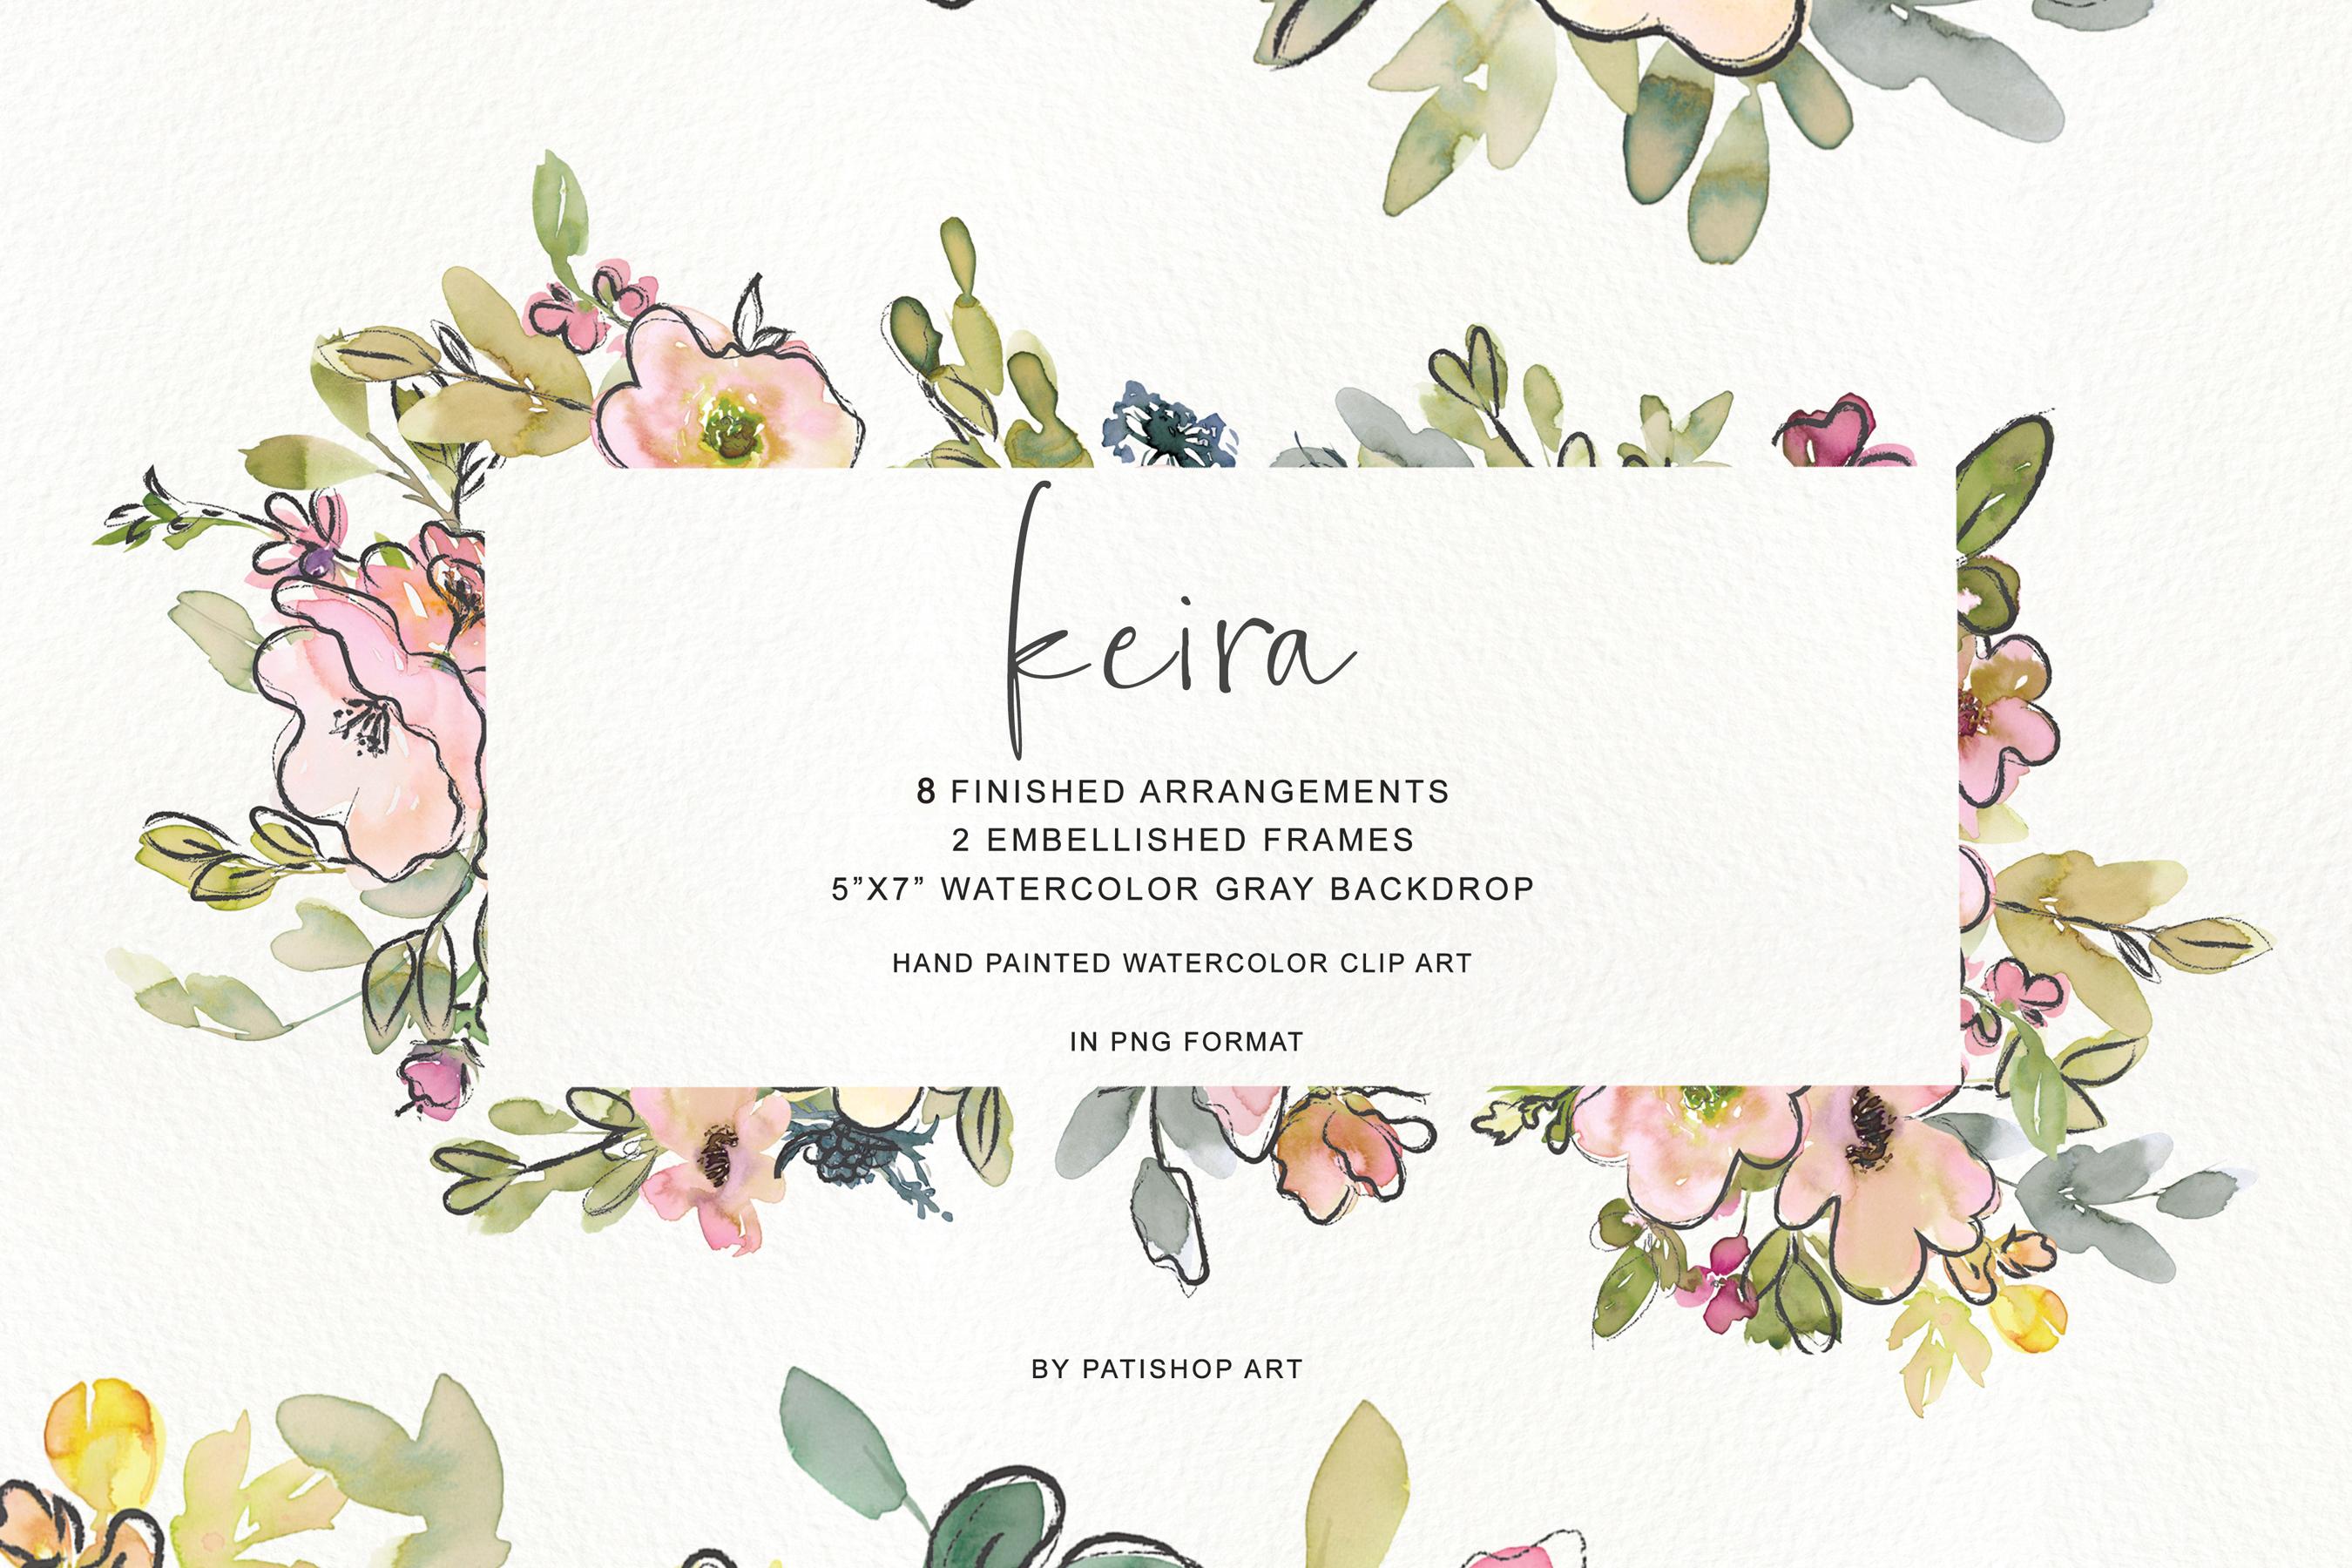 Watercolor Blush and Lemon Colors Floral Arrangements example image 1